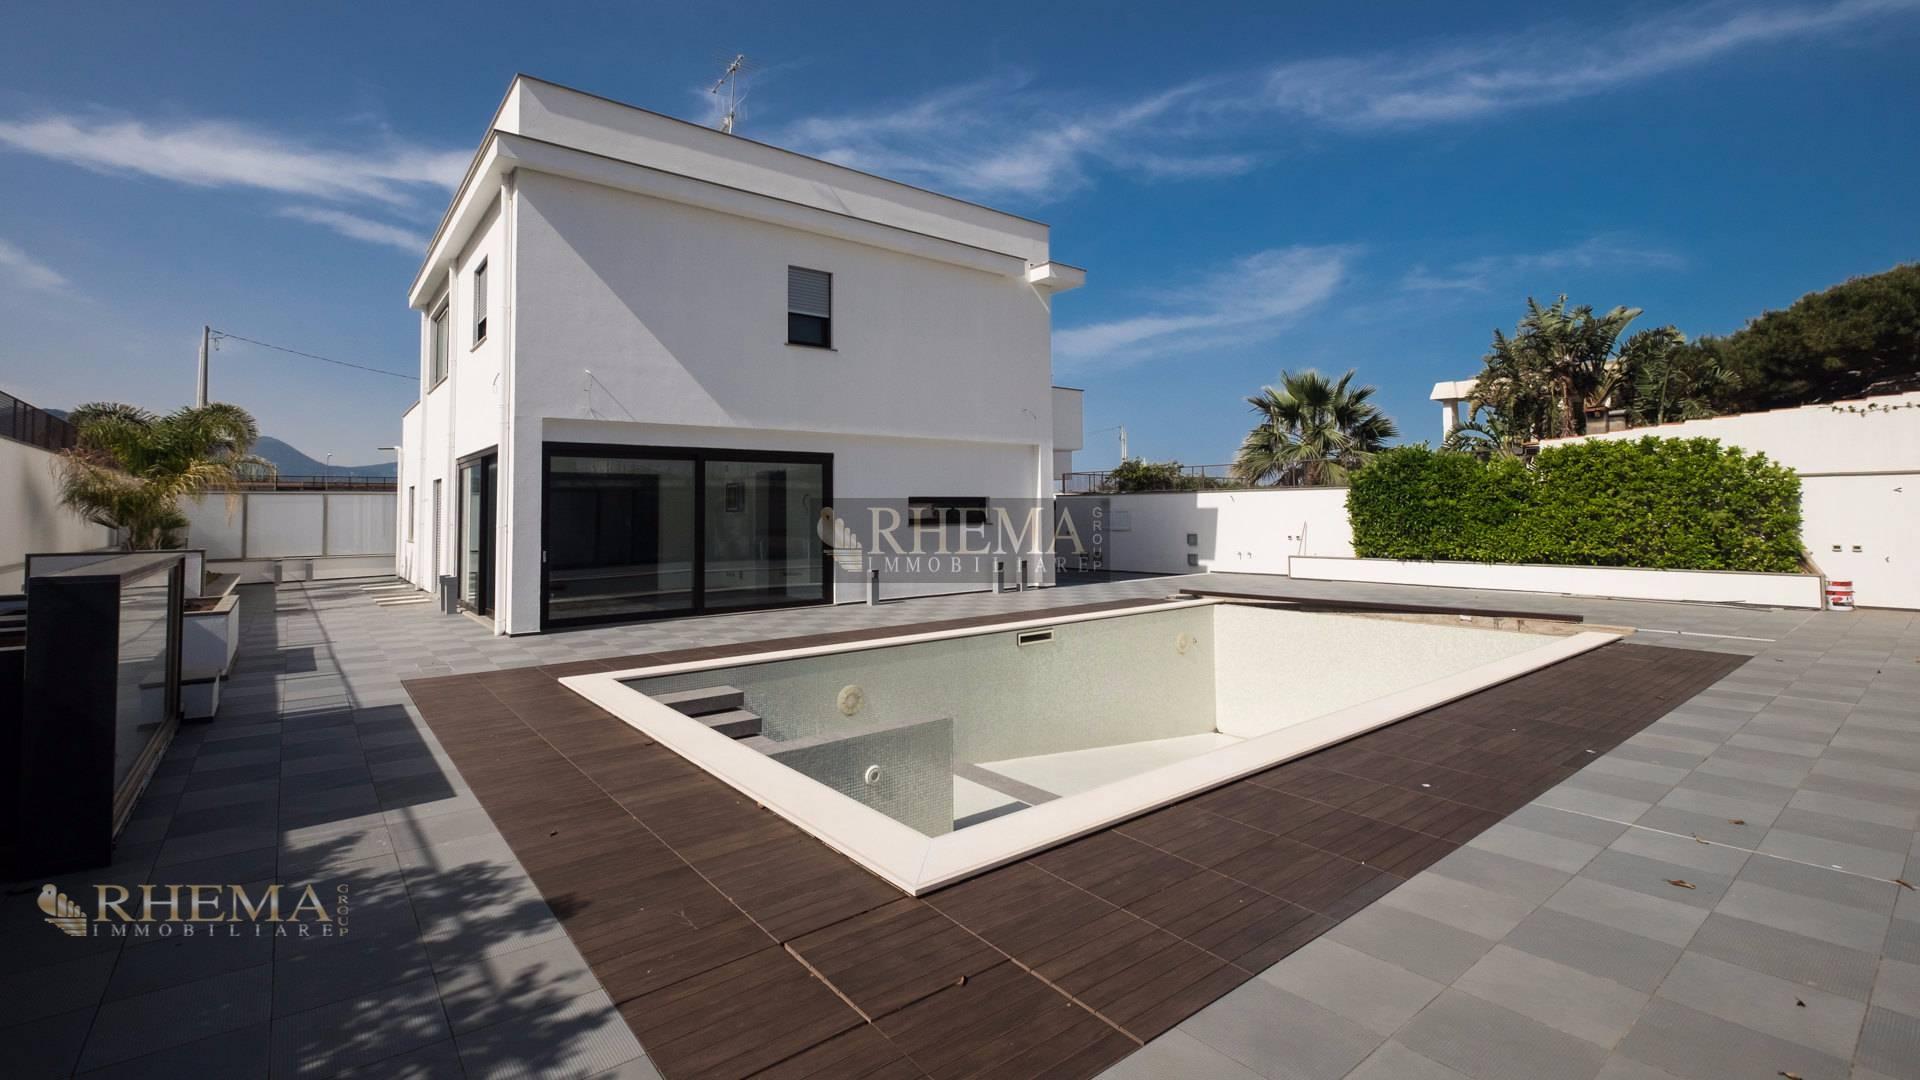 Villa in vendita a Isola delle Femmine, 10 locali, prezzo € 870.000 | CambioCasa.it